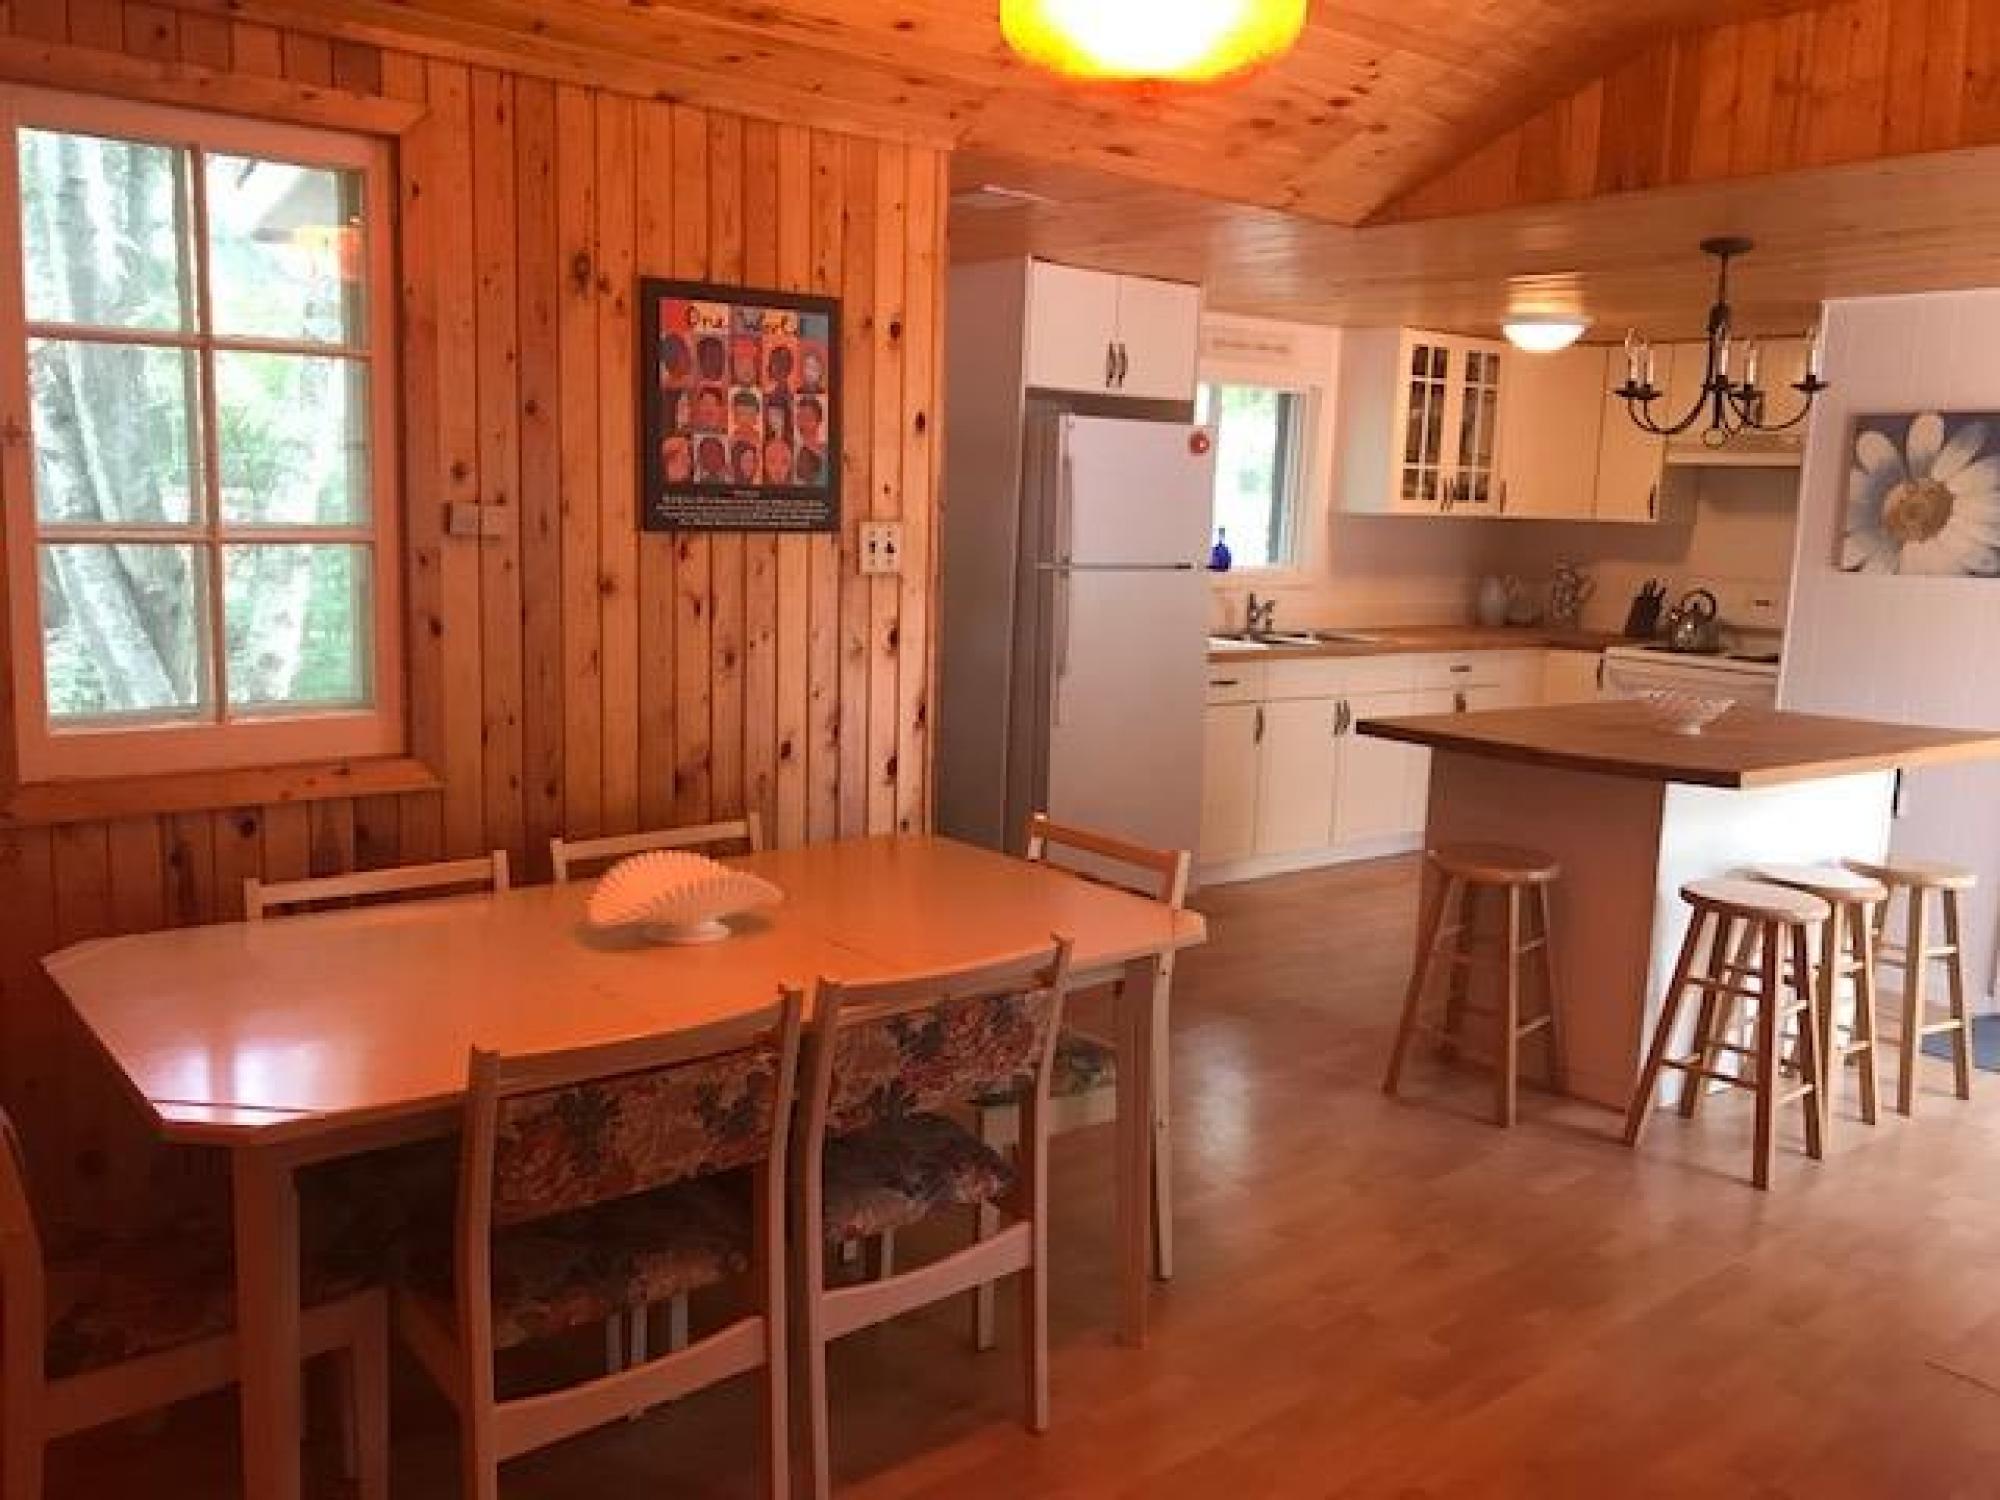 220 8th Avenue, R0E 2C0, 3 Bedroom for sale Rural Manitoba